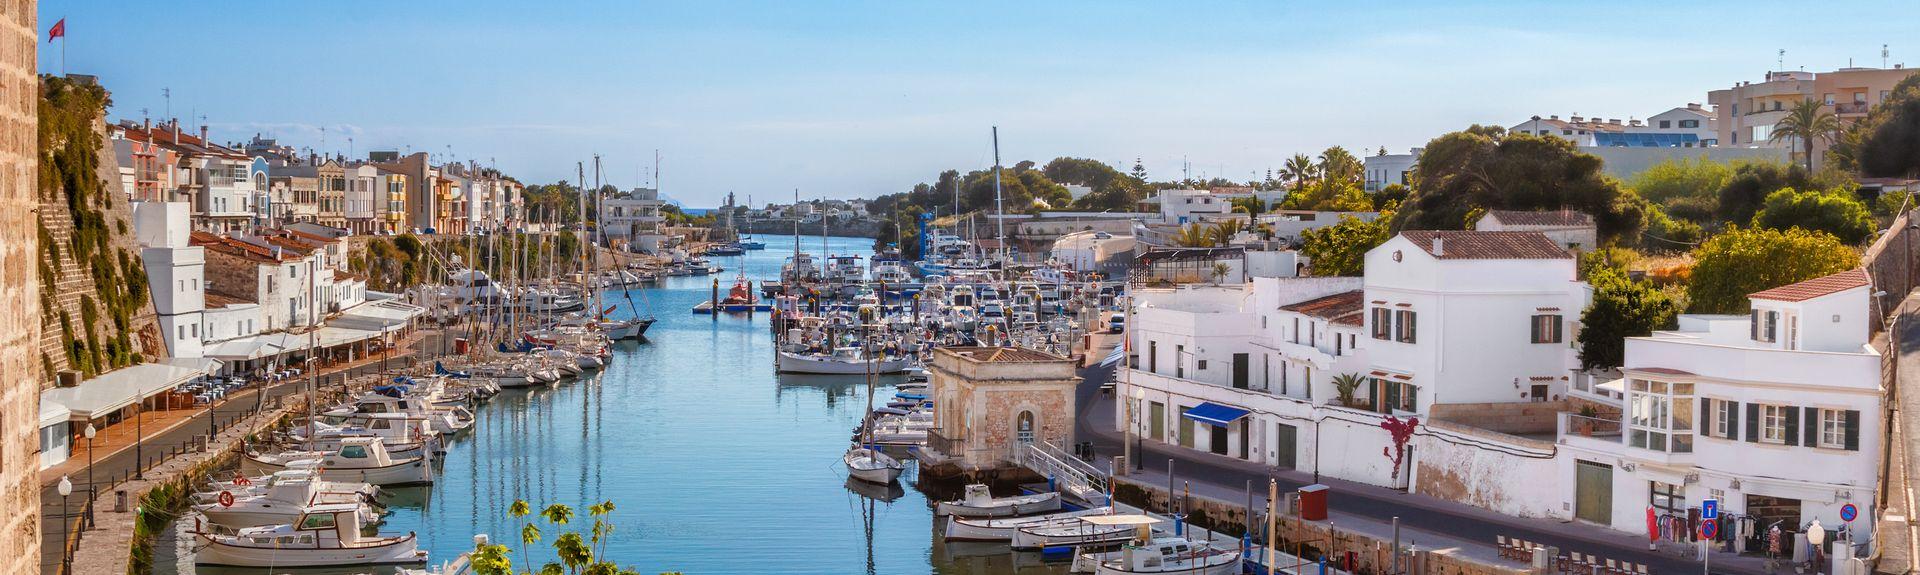 Ciutadella de Menorca, Balearen, Spanje